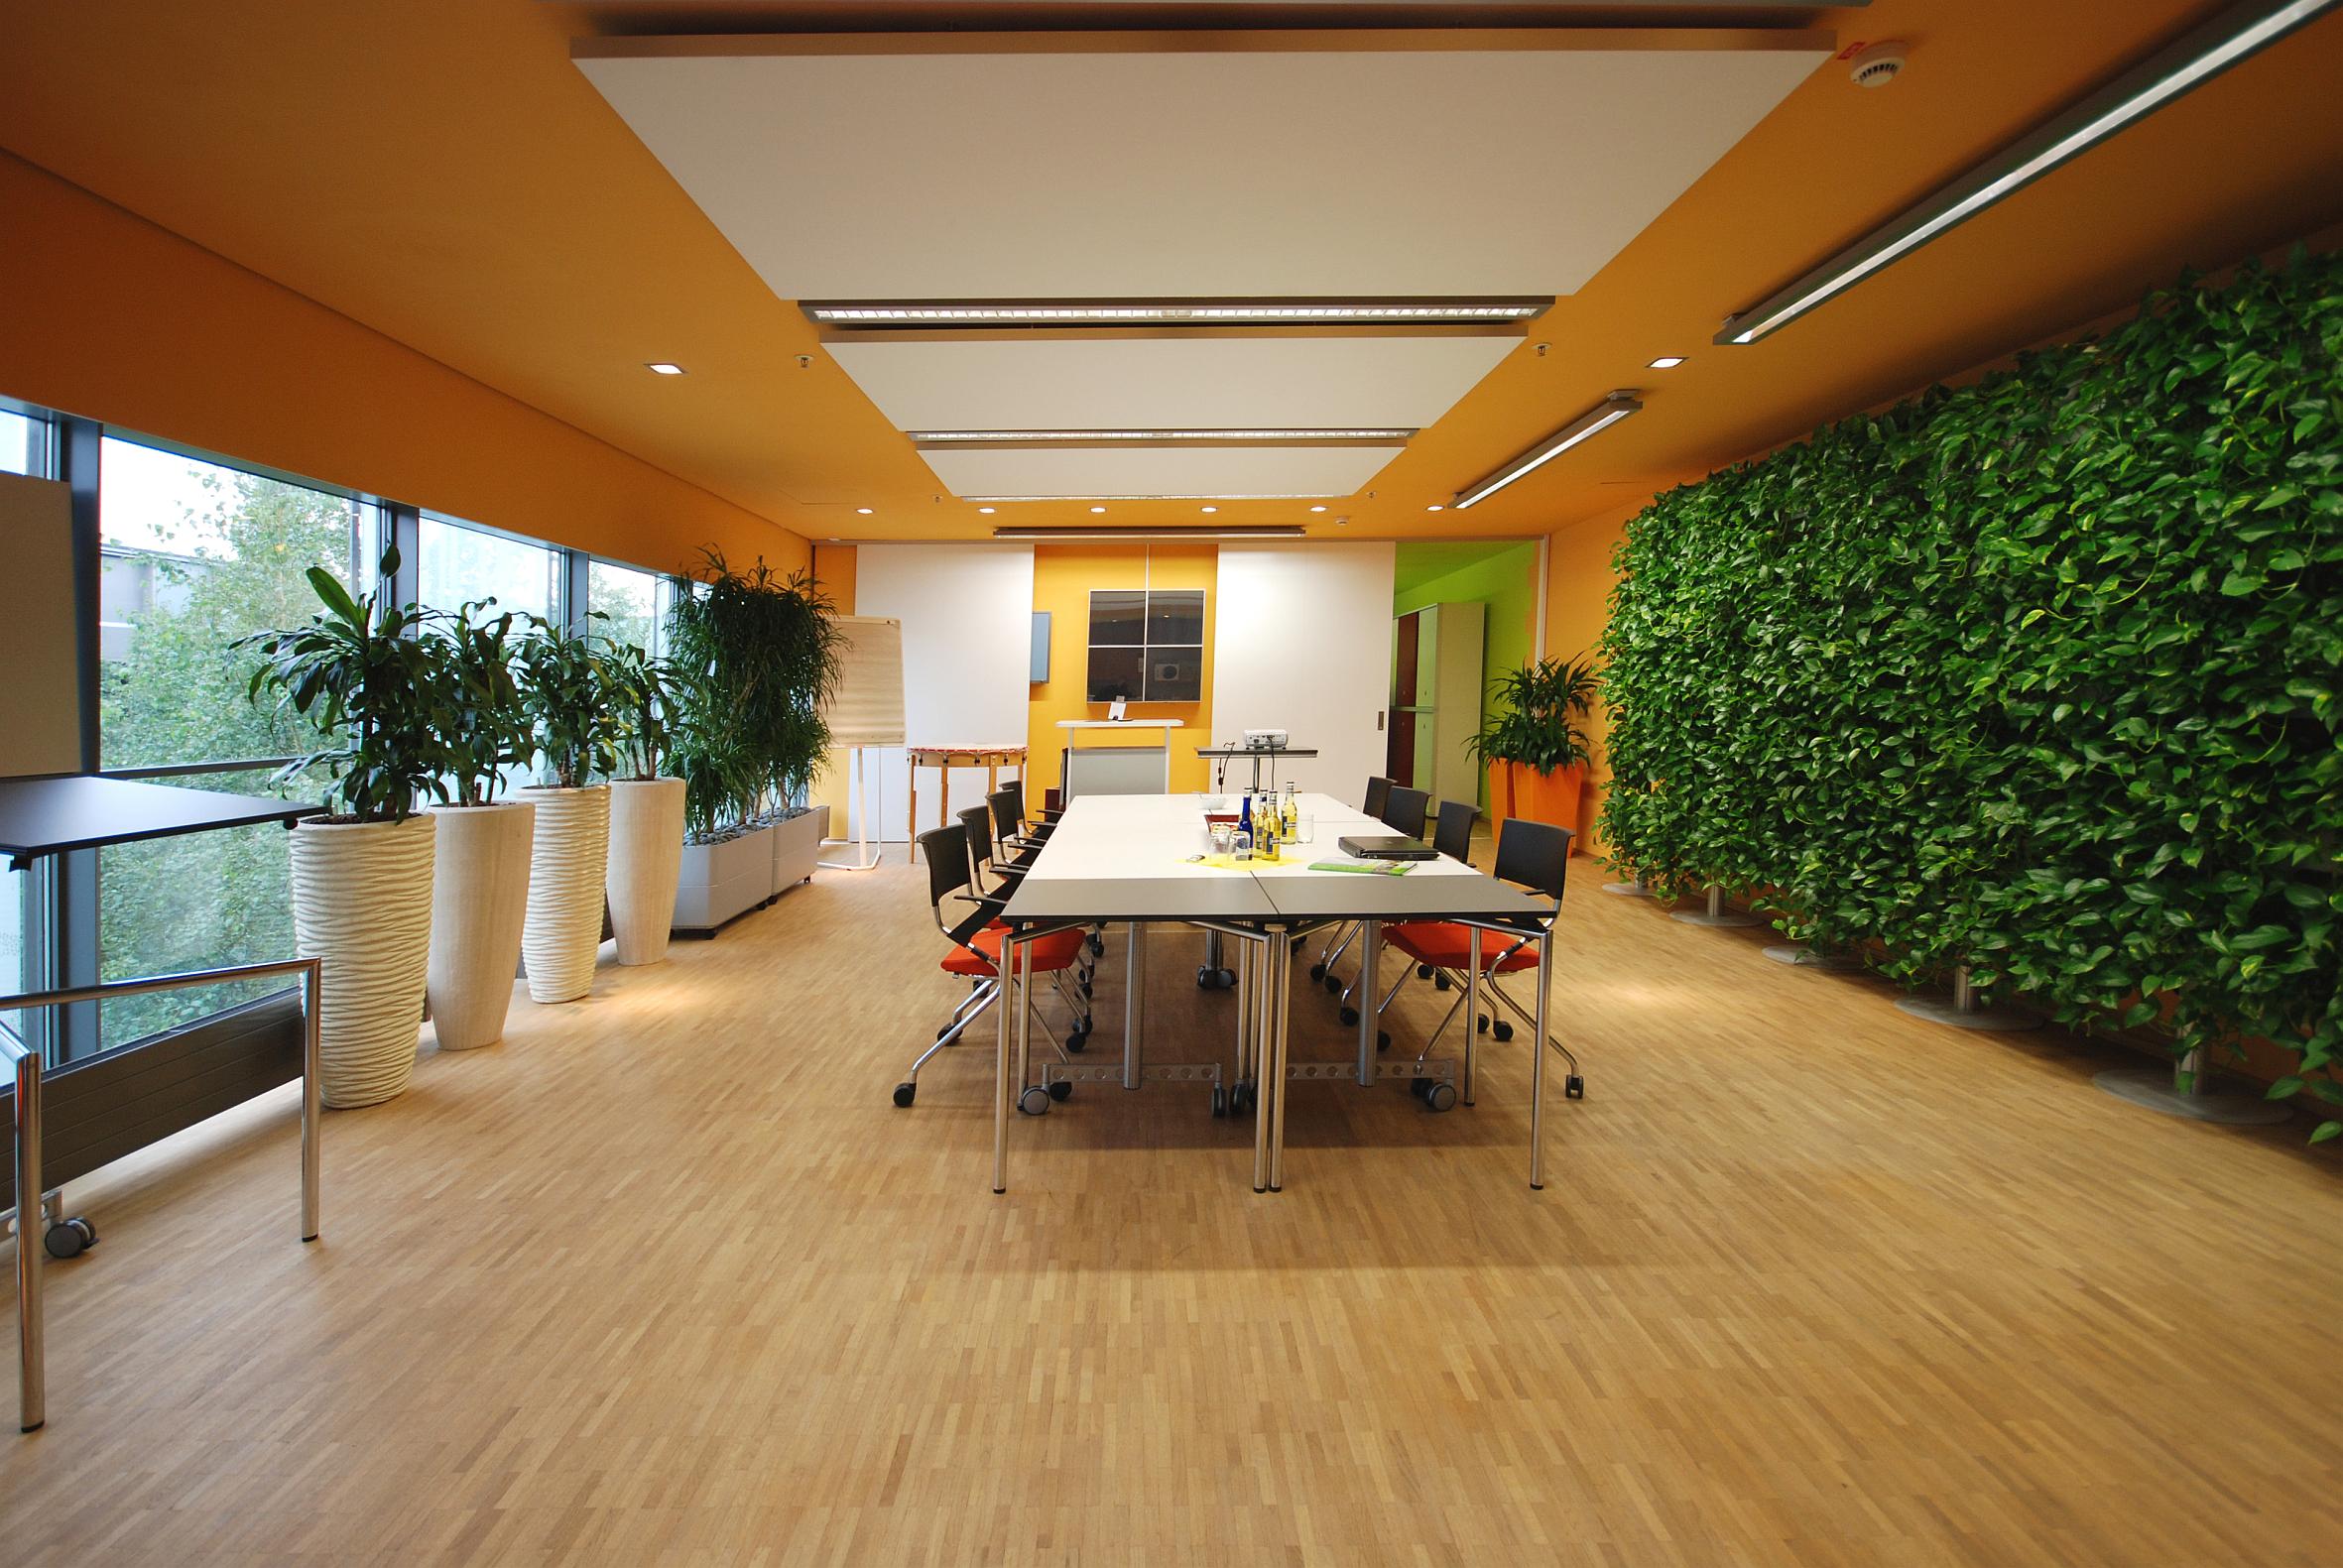 die zeichen stehen auf gr n pflanzen sorgen f r neue energie am arbeitsplatz das gr ne. Black Bedroom Furniture Sets. Home Design Ideas